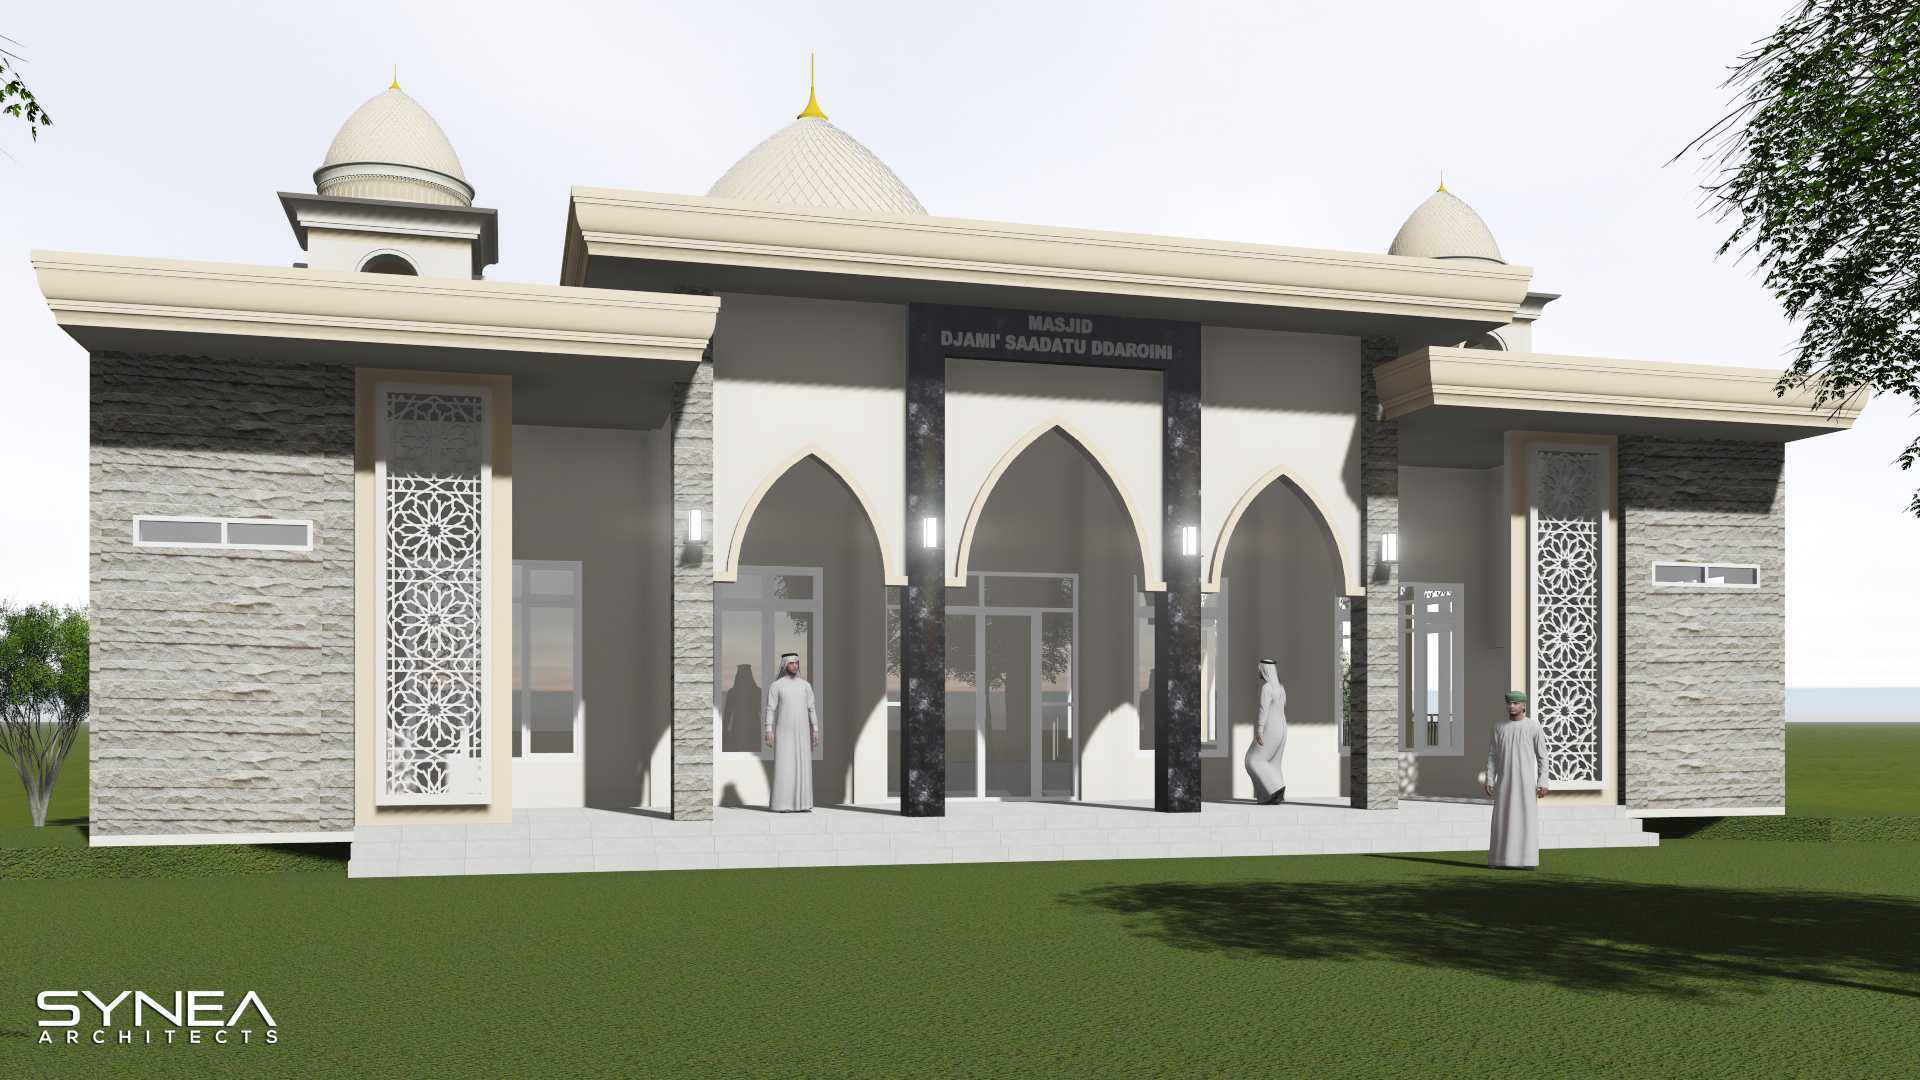 Jasa Arsitek Synea Architects di Ogan Komering Ulu Selatan